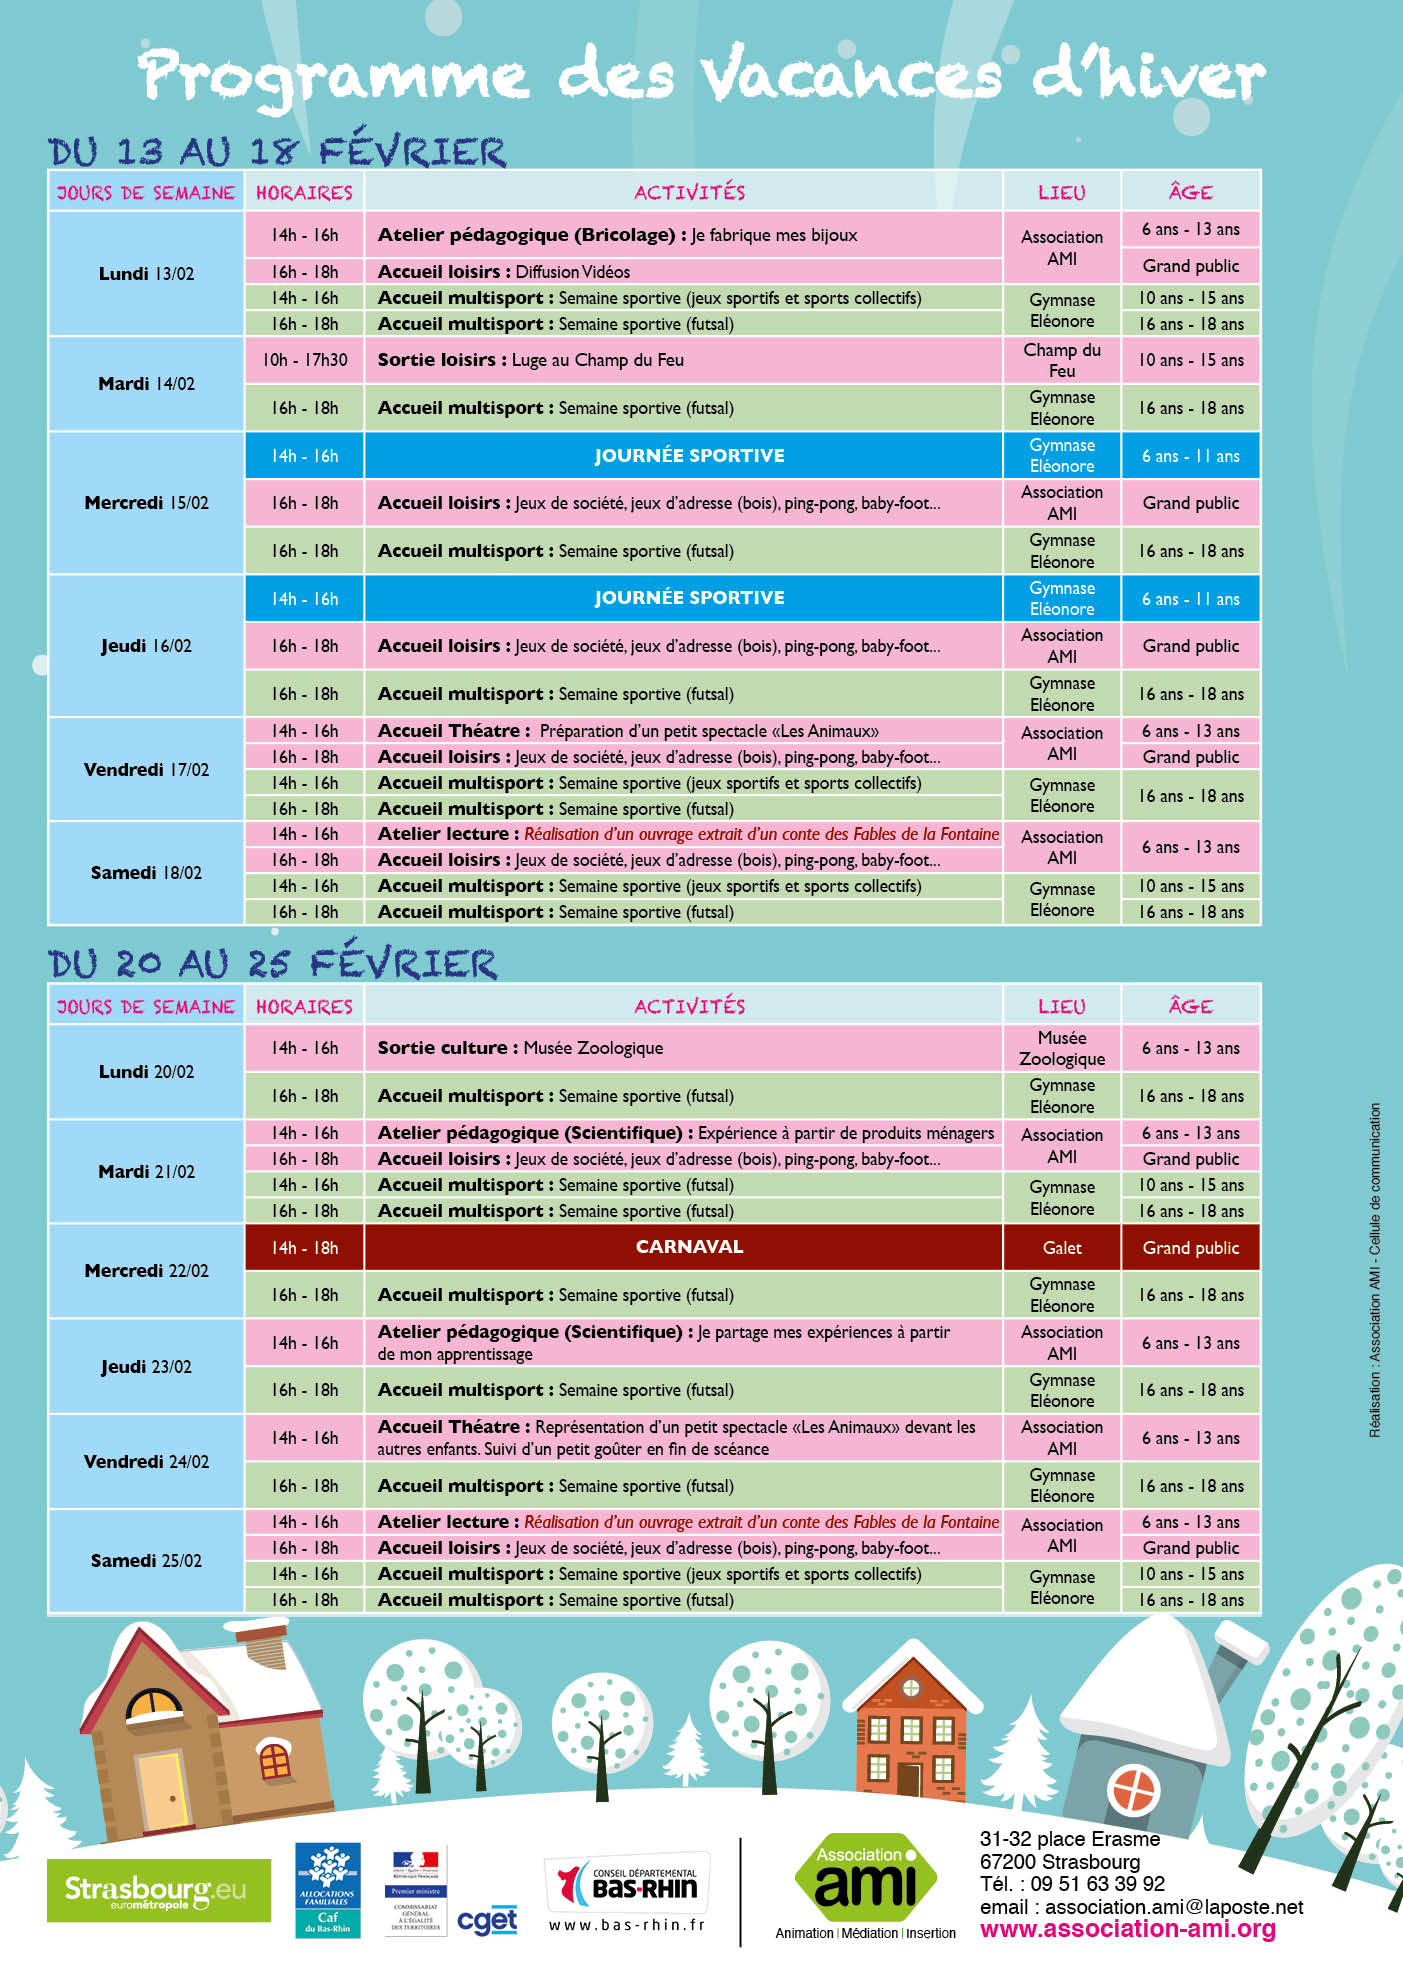 Programme des Vacances d'hiver